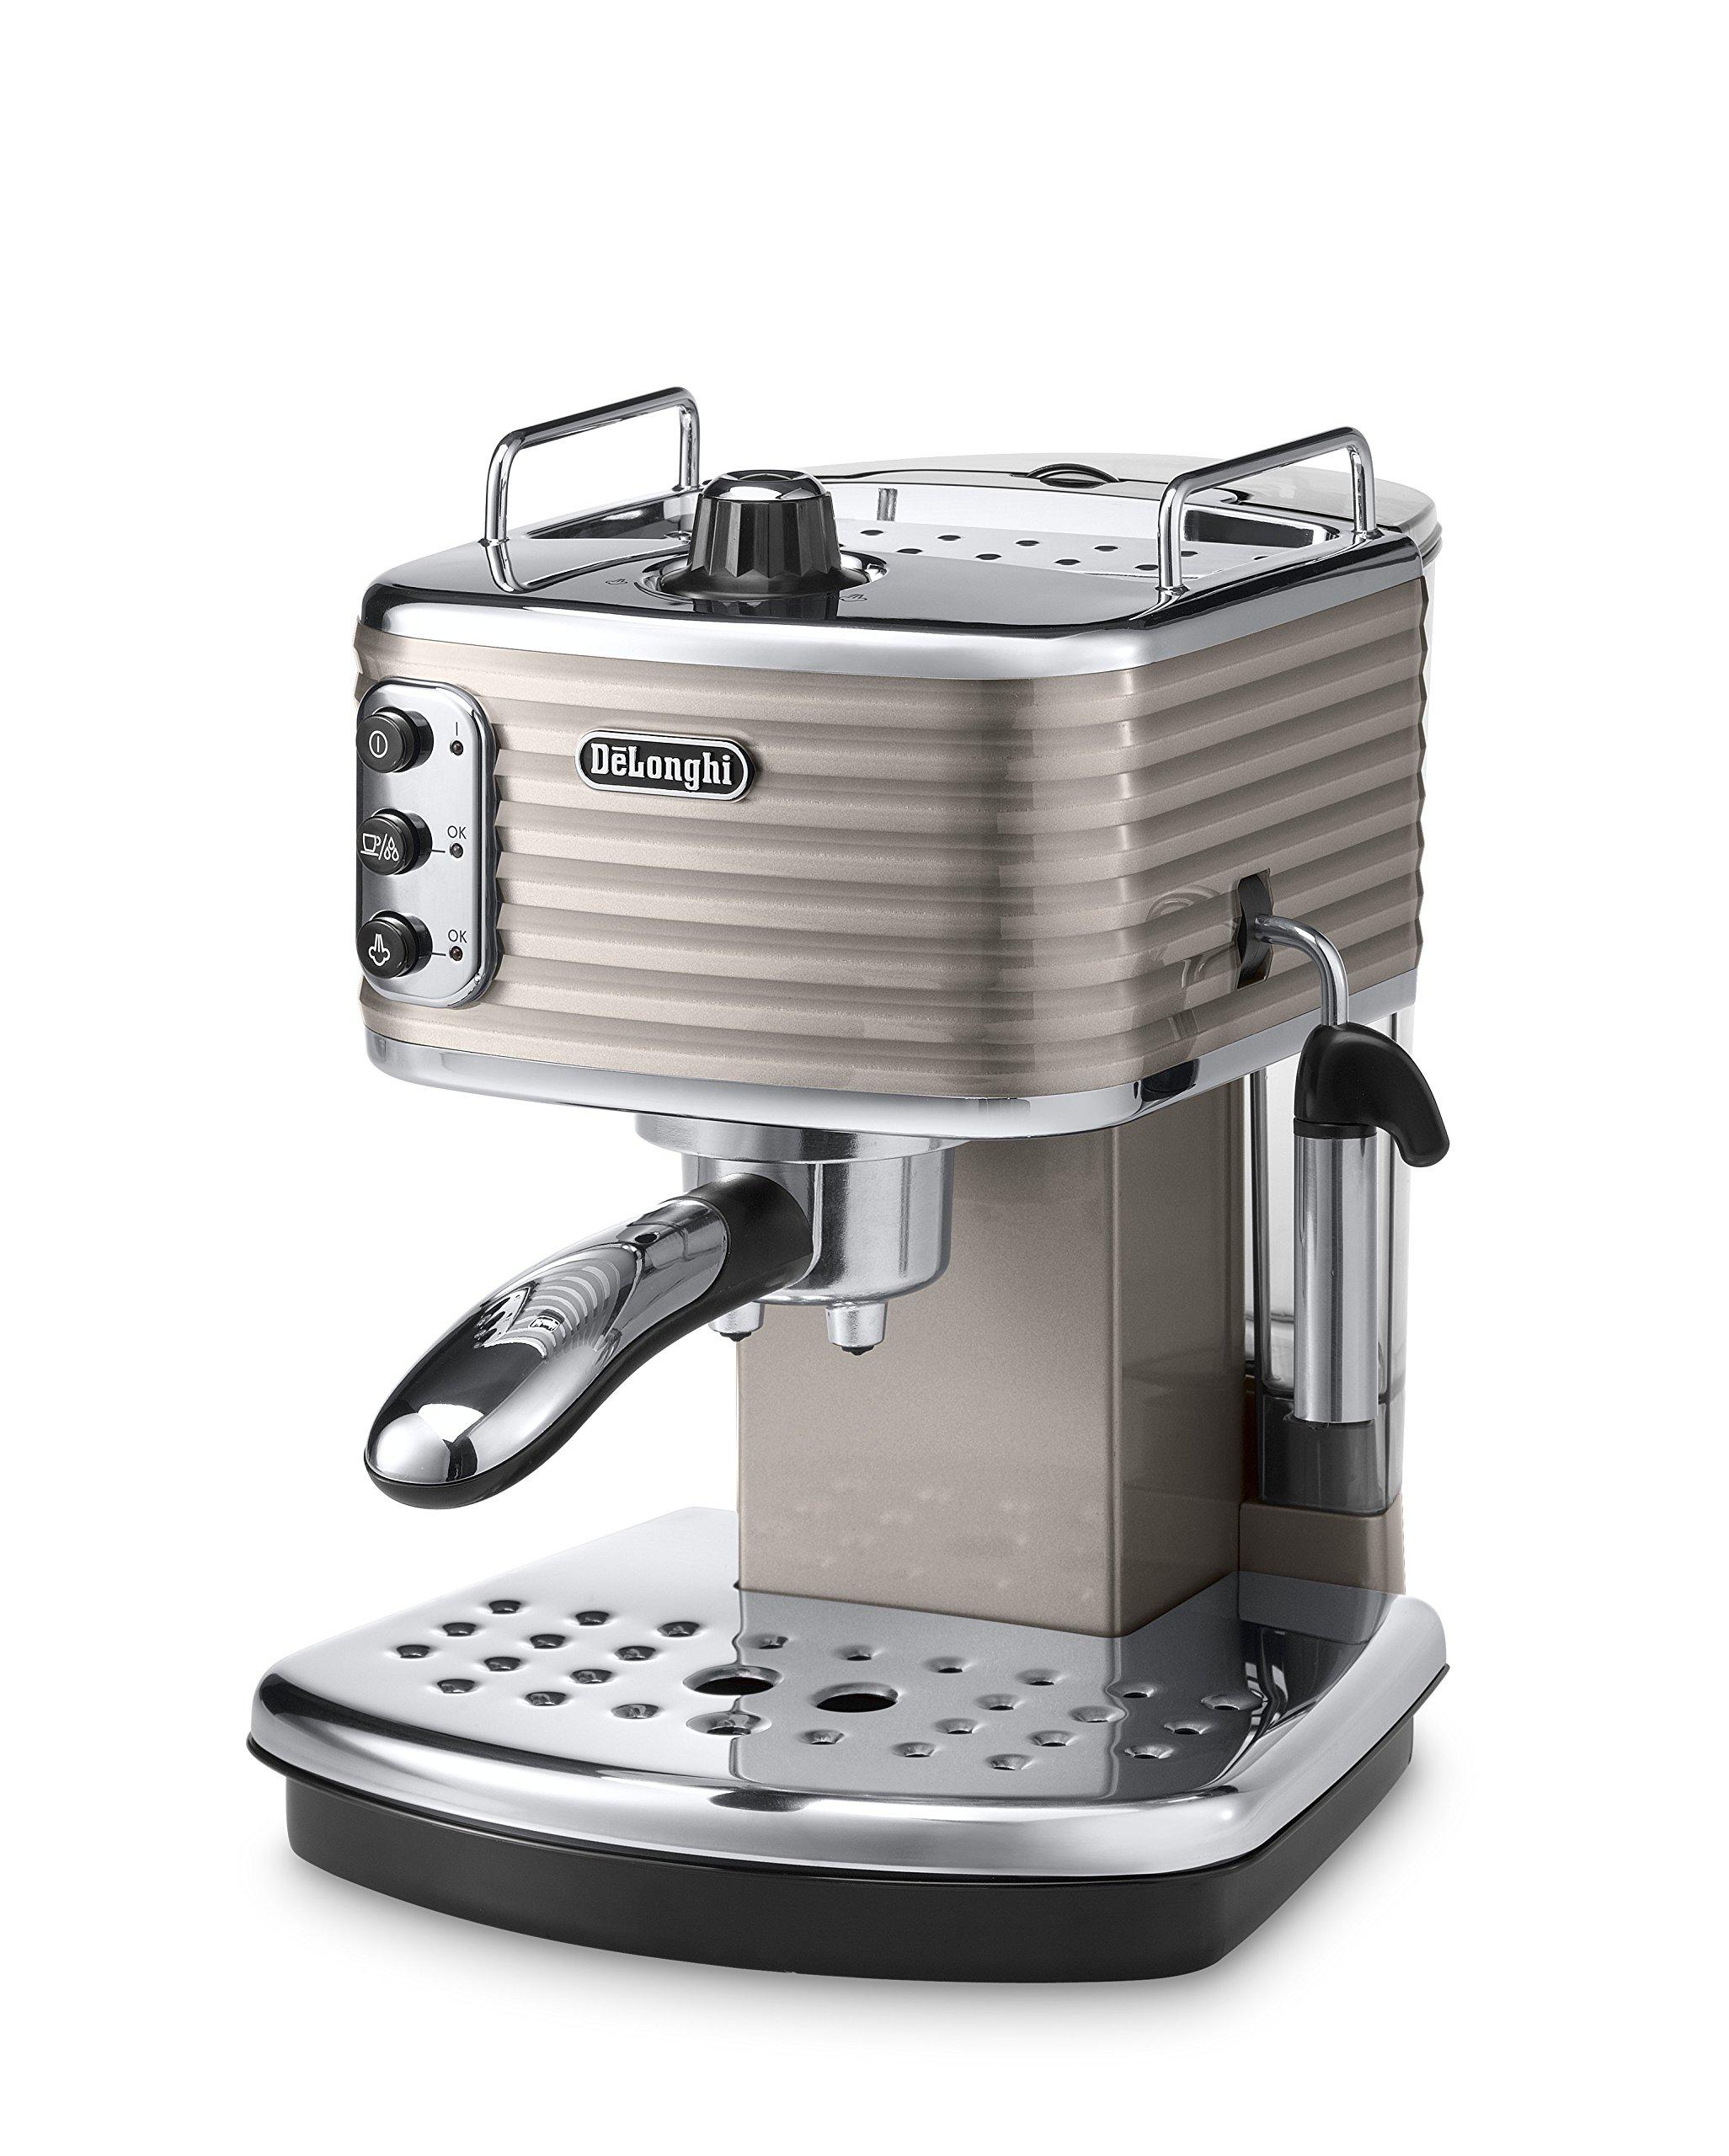 DeLonghi-ECZ-351W-Scultura-Espressomaschine